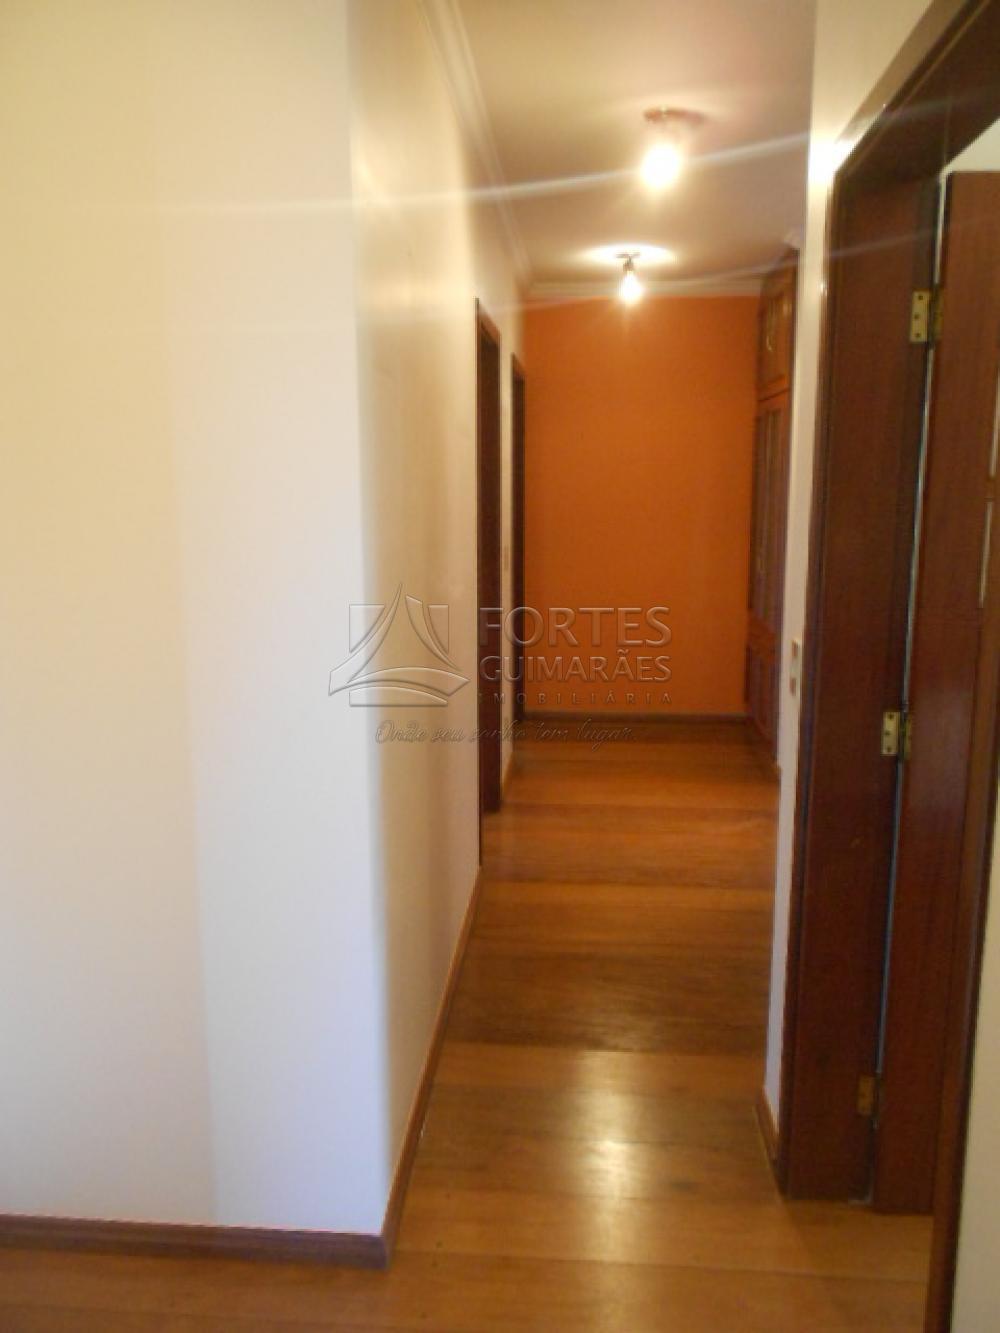 Alugar Casas / Padrão em Ribeirão Preto apenas R$ 6.000,00 - Foto 36